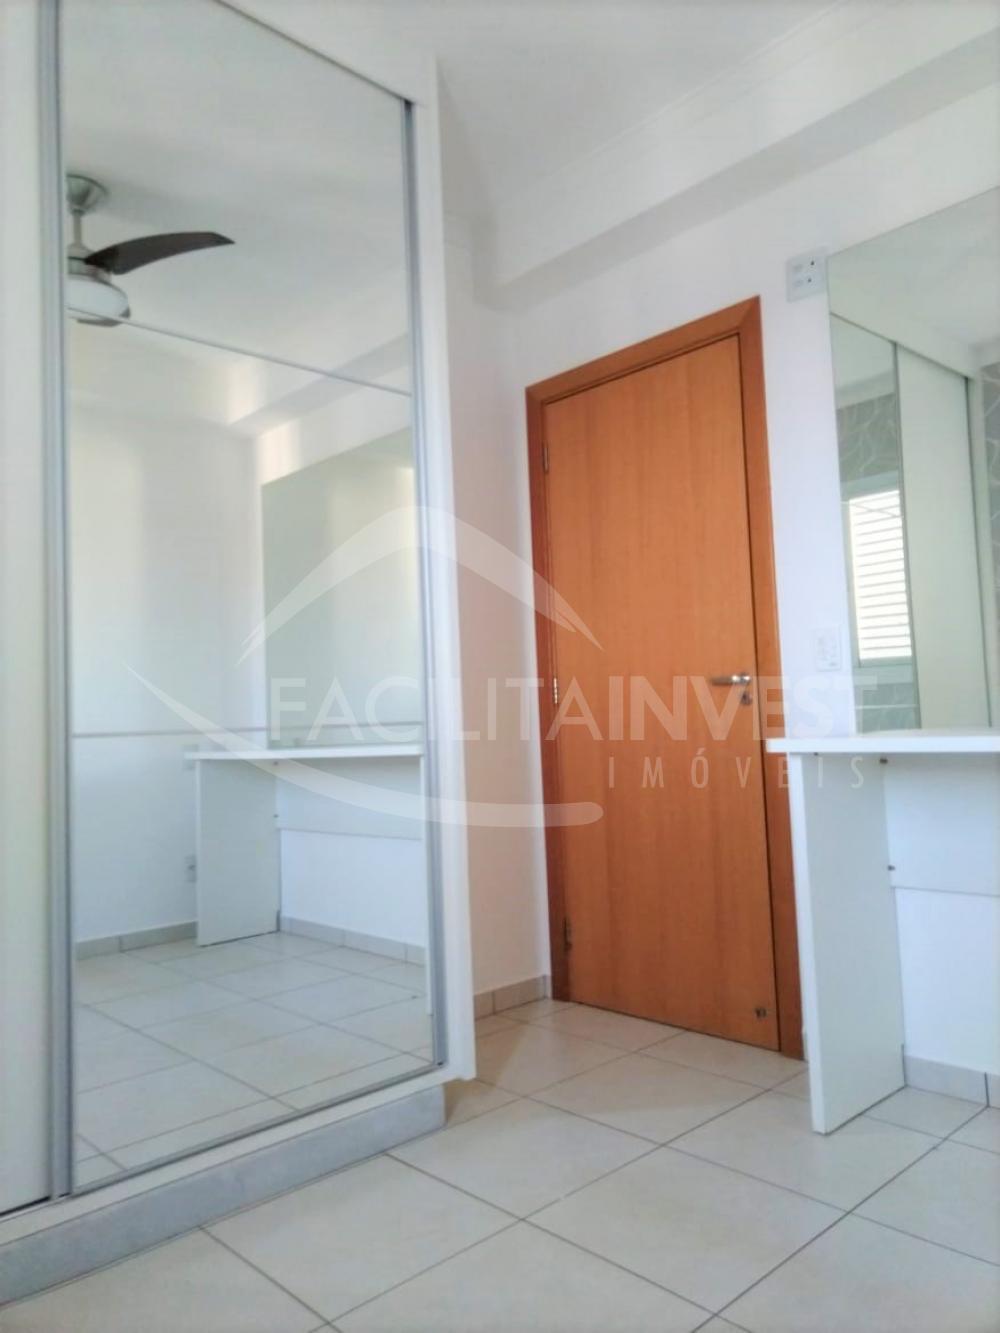 Alugar Apartamentos / Apart. Padrão em Ribeirão Preto apenas R$ 1.800,00 - Foto 8